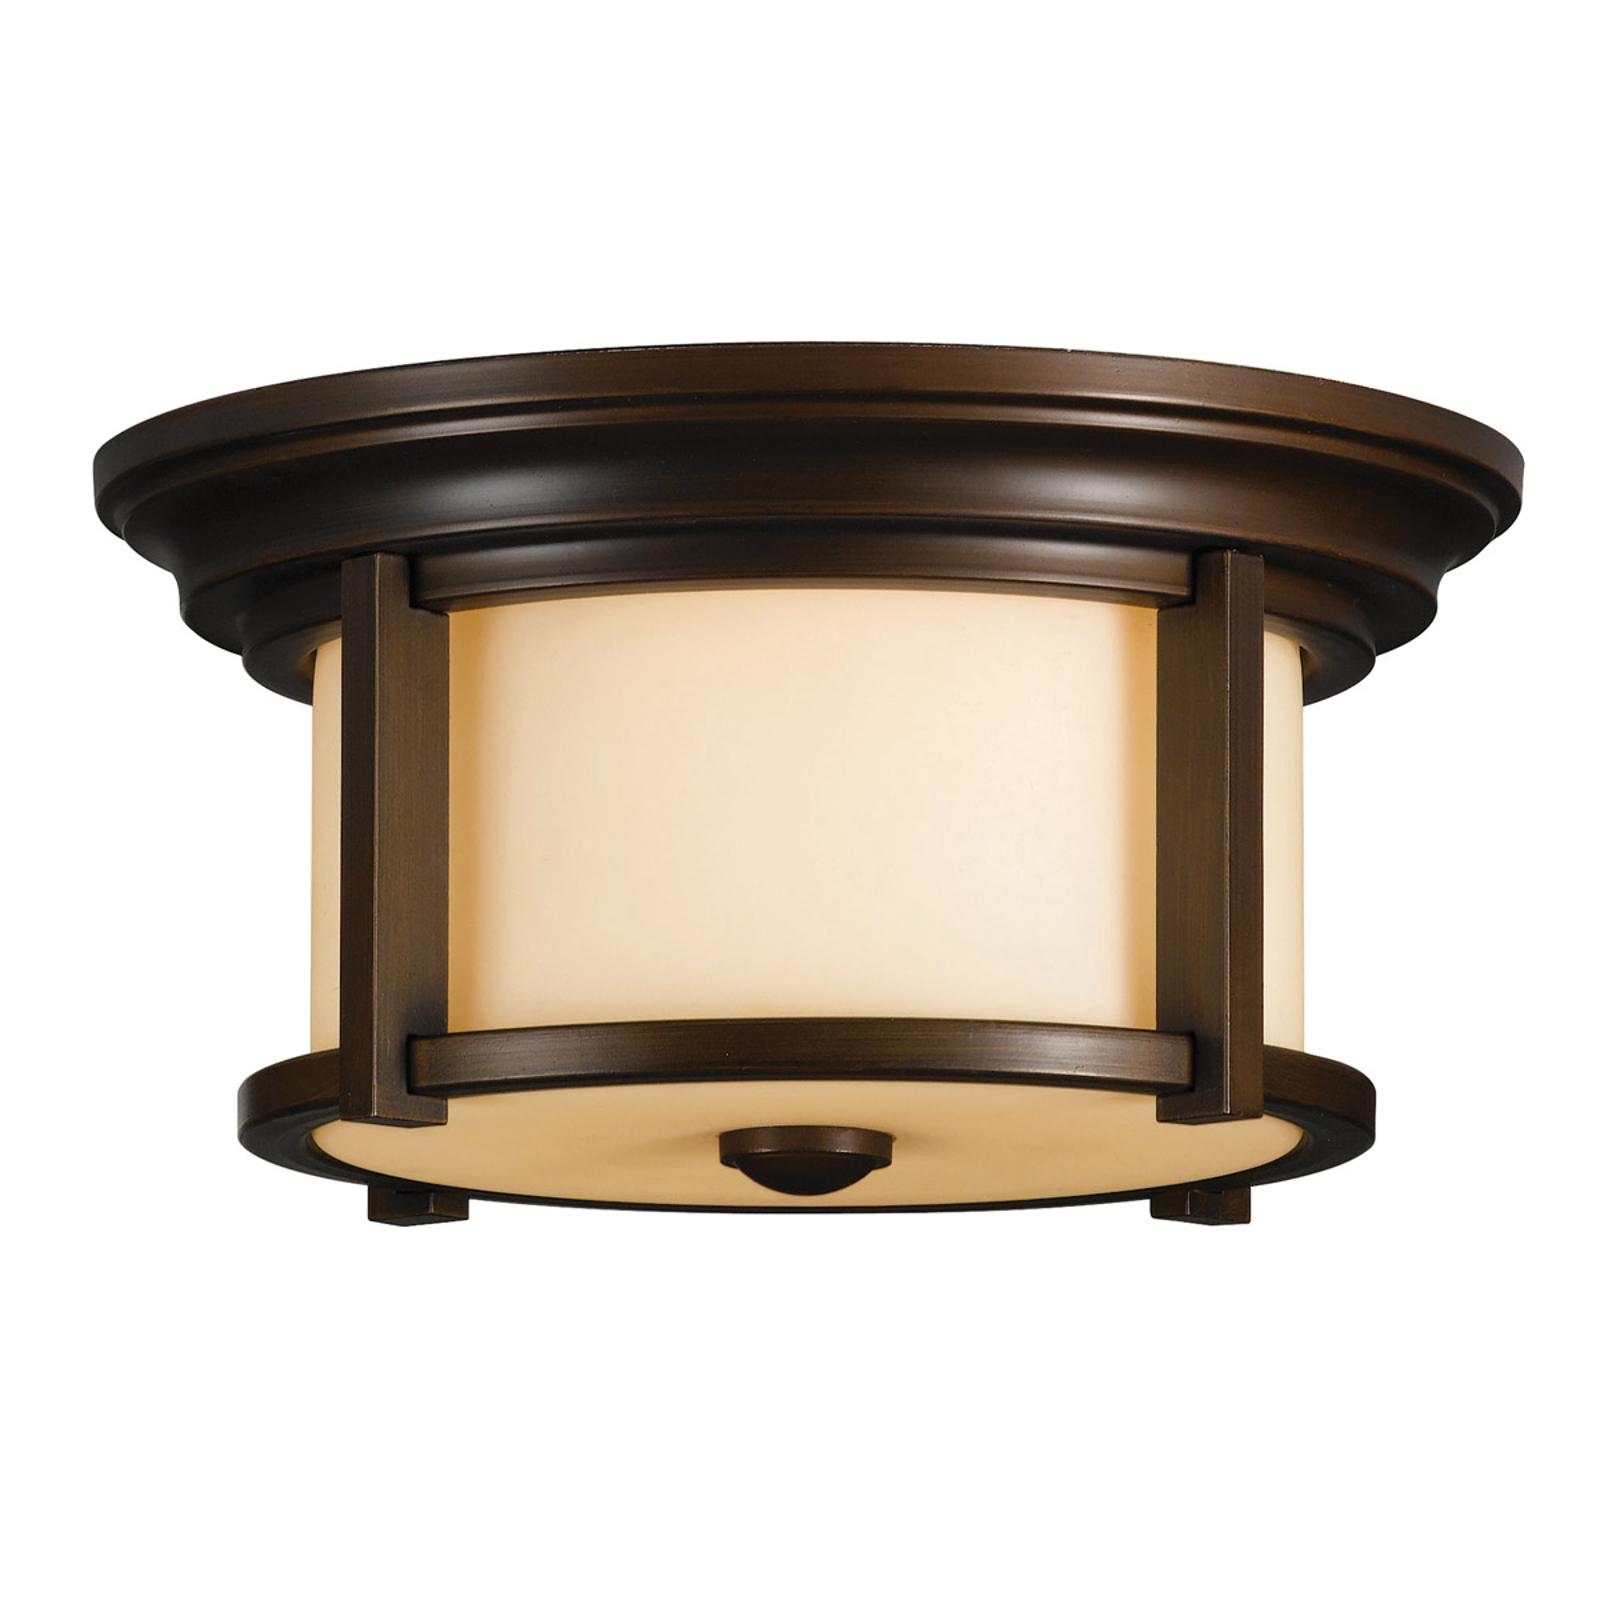 Allsidig anvendbar ute-taklampe Merrill